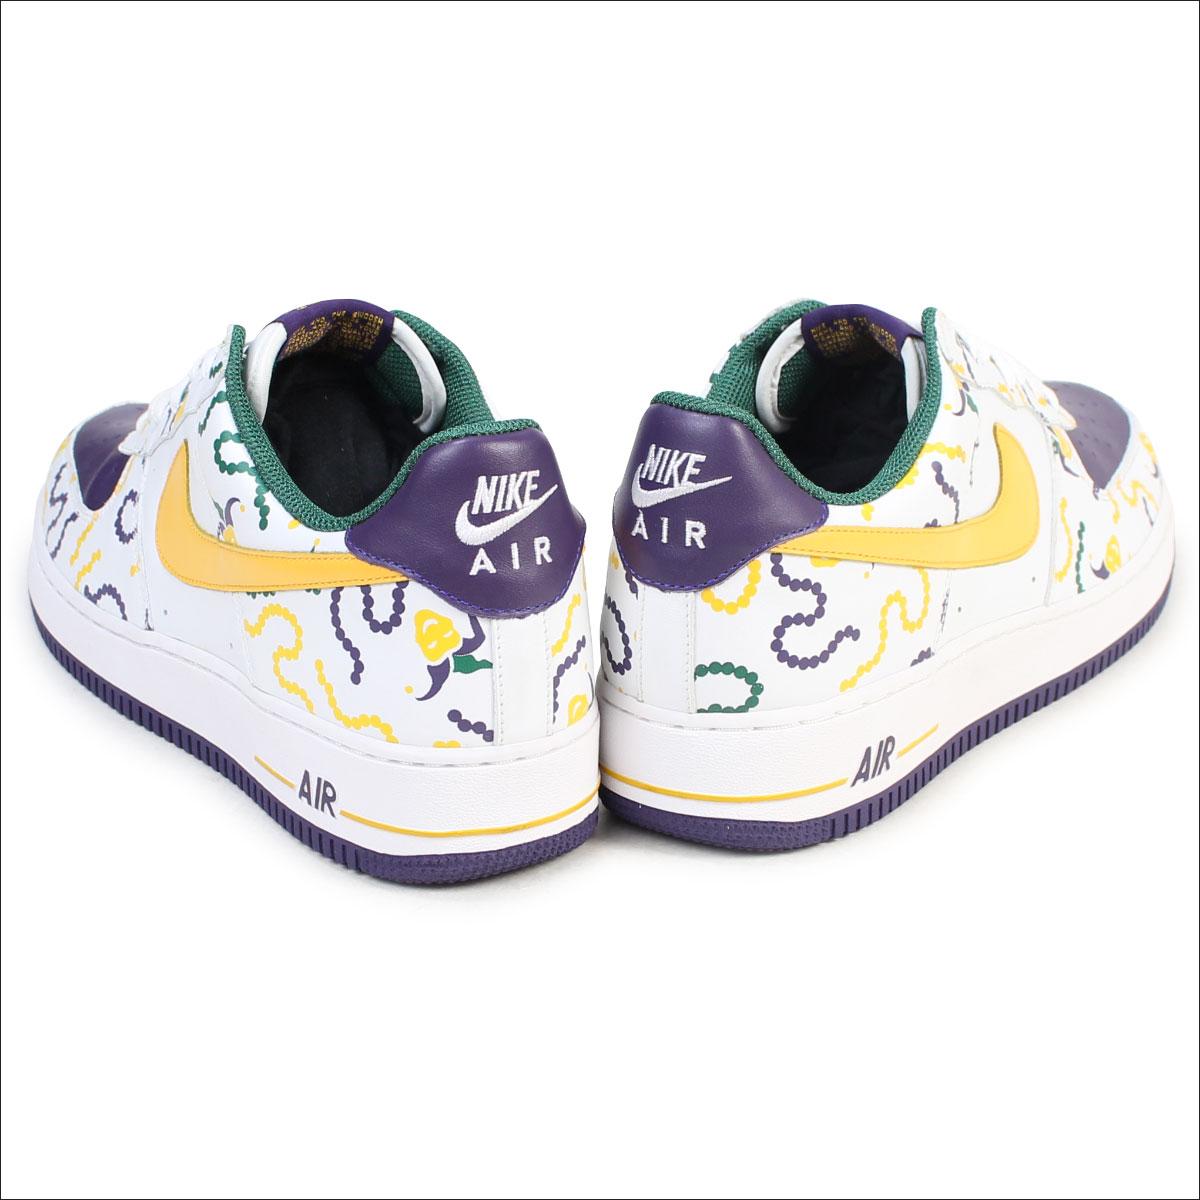 timeless design d818c 9eaa8 ... Nike NIKE air force 1 sneakers AIR FORCE 1 LOW MARDI GRAS men  306,353-172